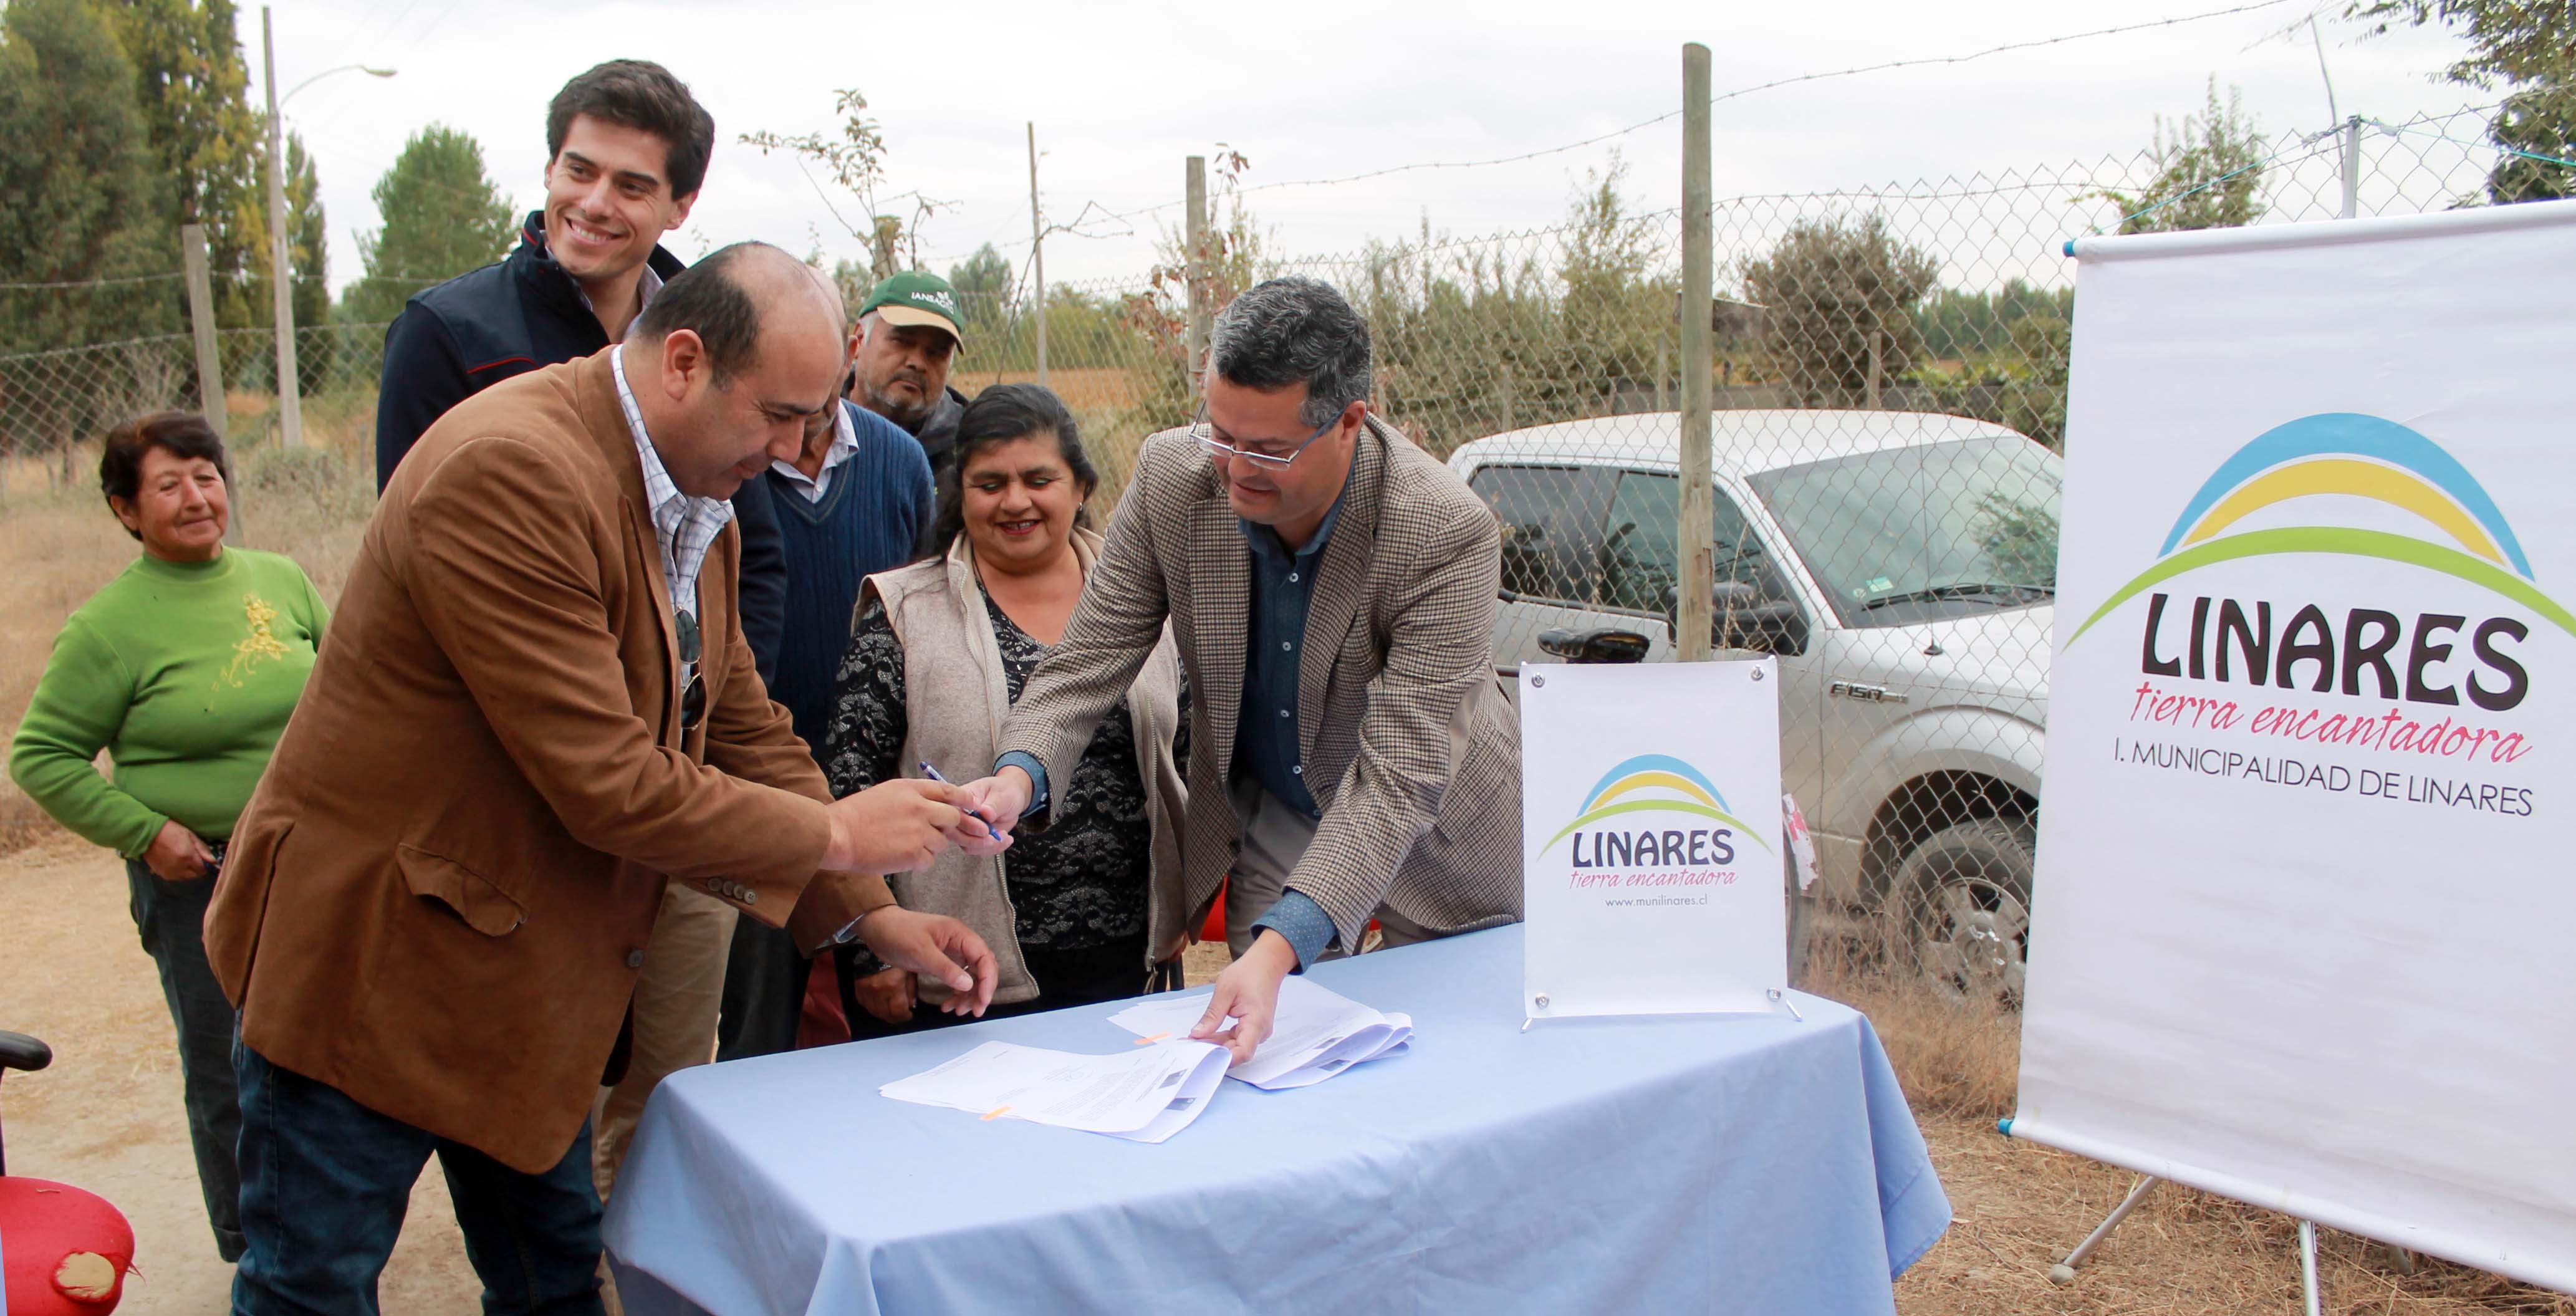 Municipalidad de Linares y Vialidad firman convenios de pavimentación asfáltica